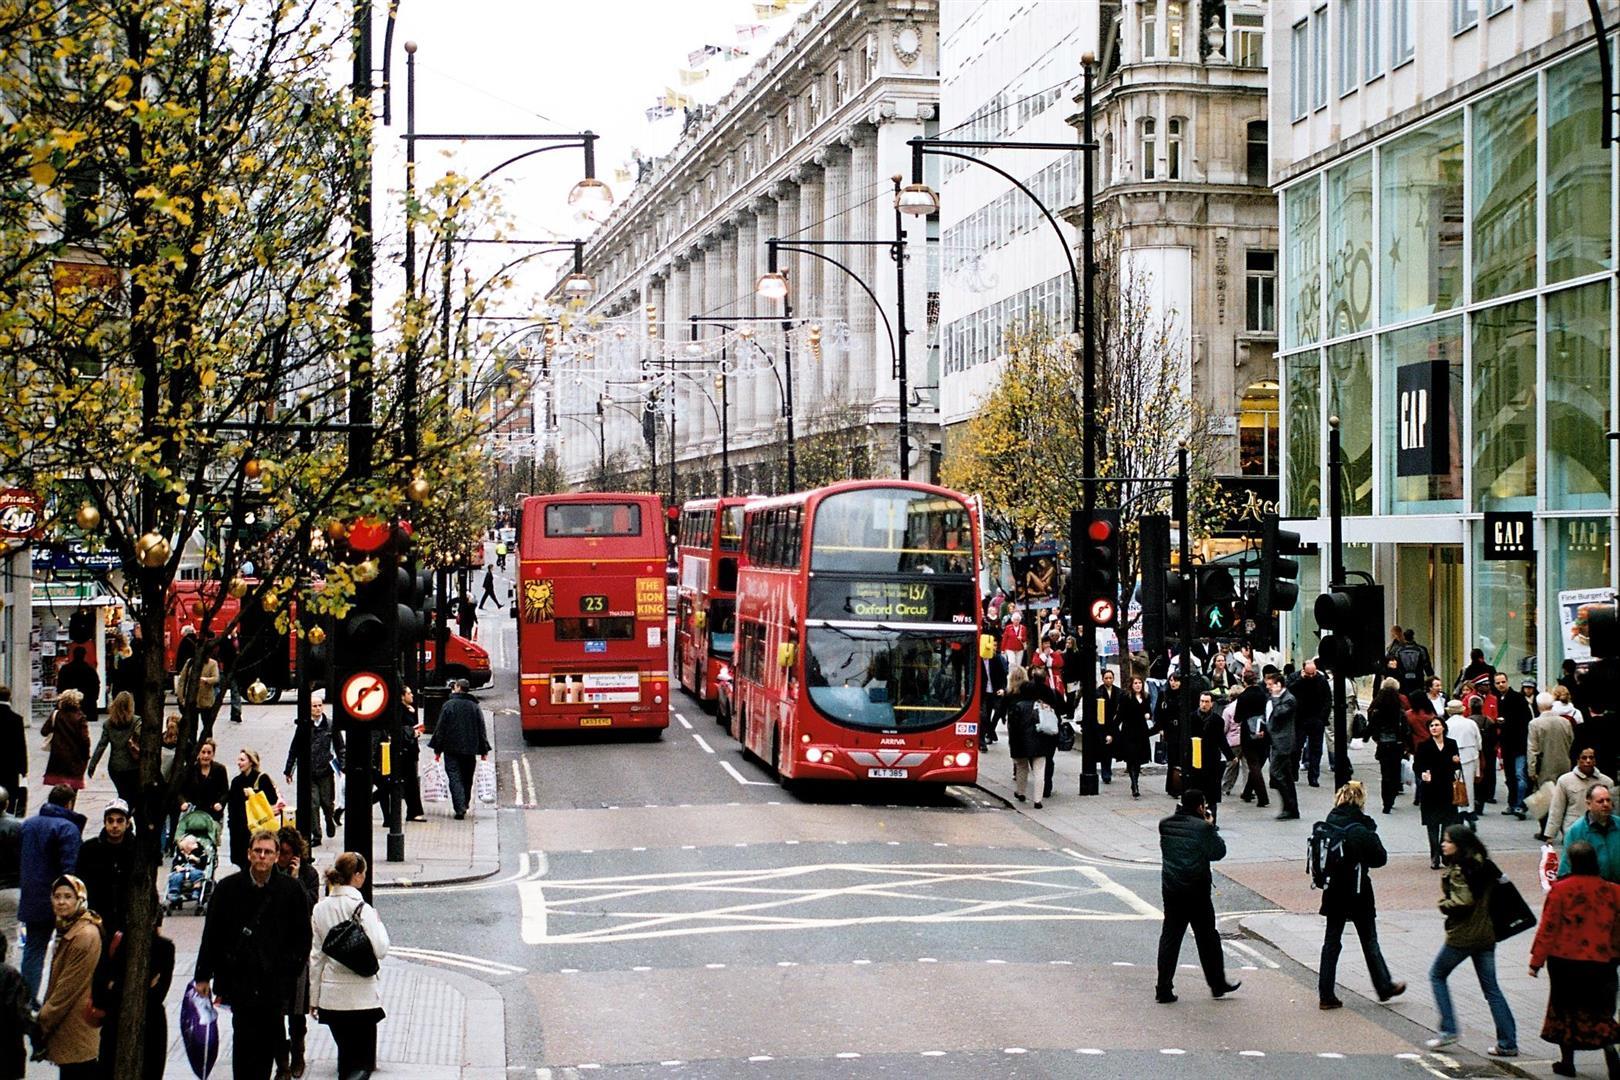 Londra'ya yerleşmek (1)